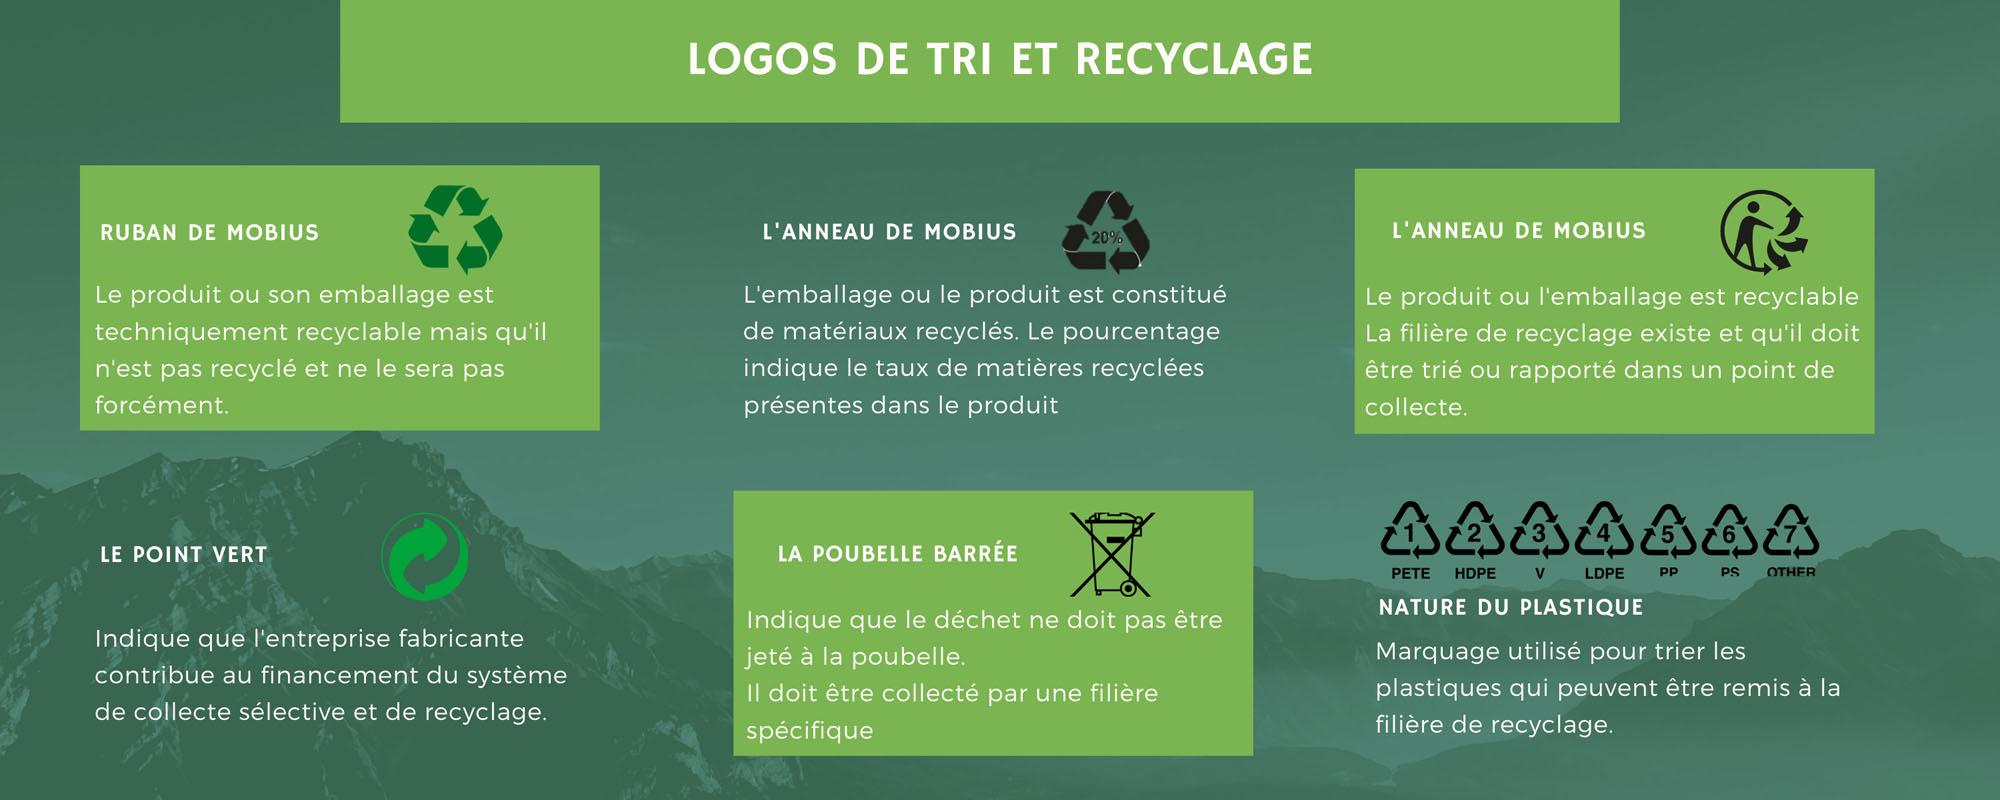 Infographie logos de recyclage, gestes écologiques